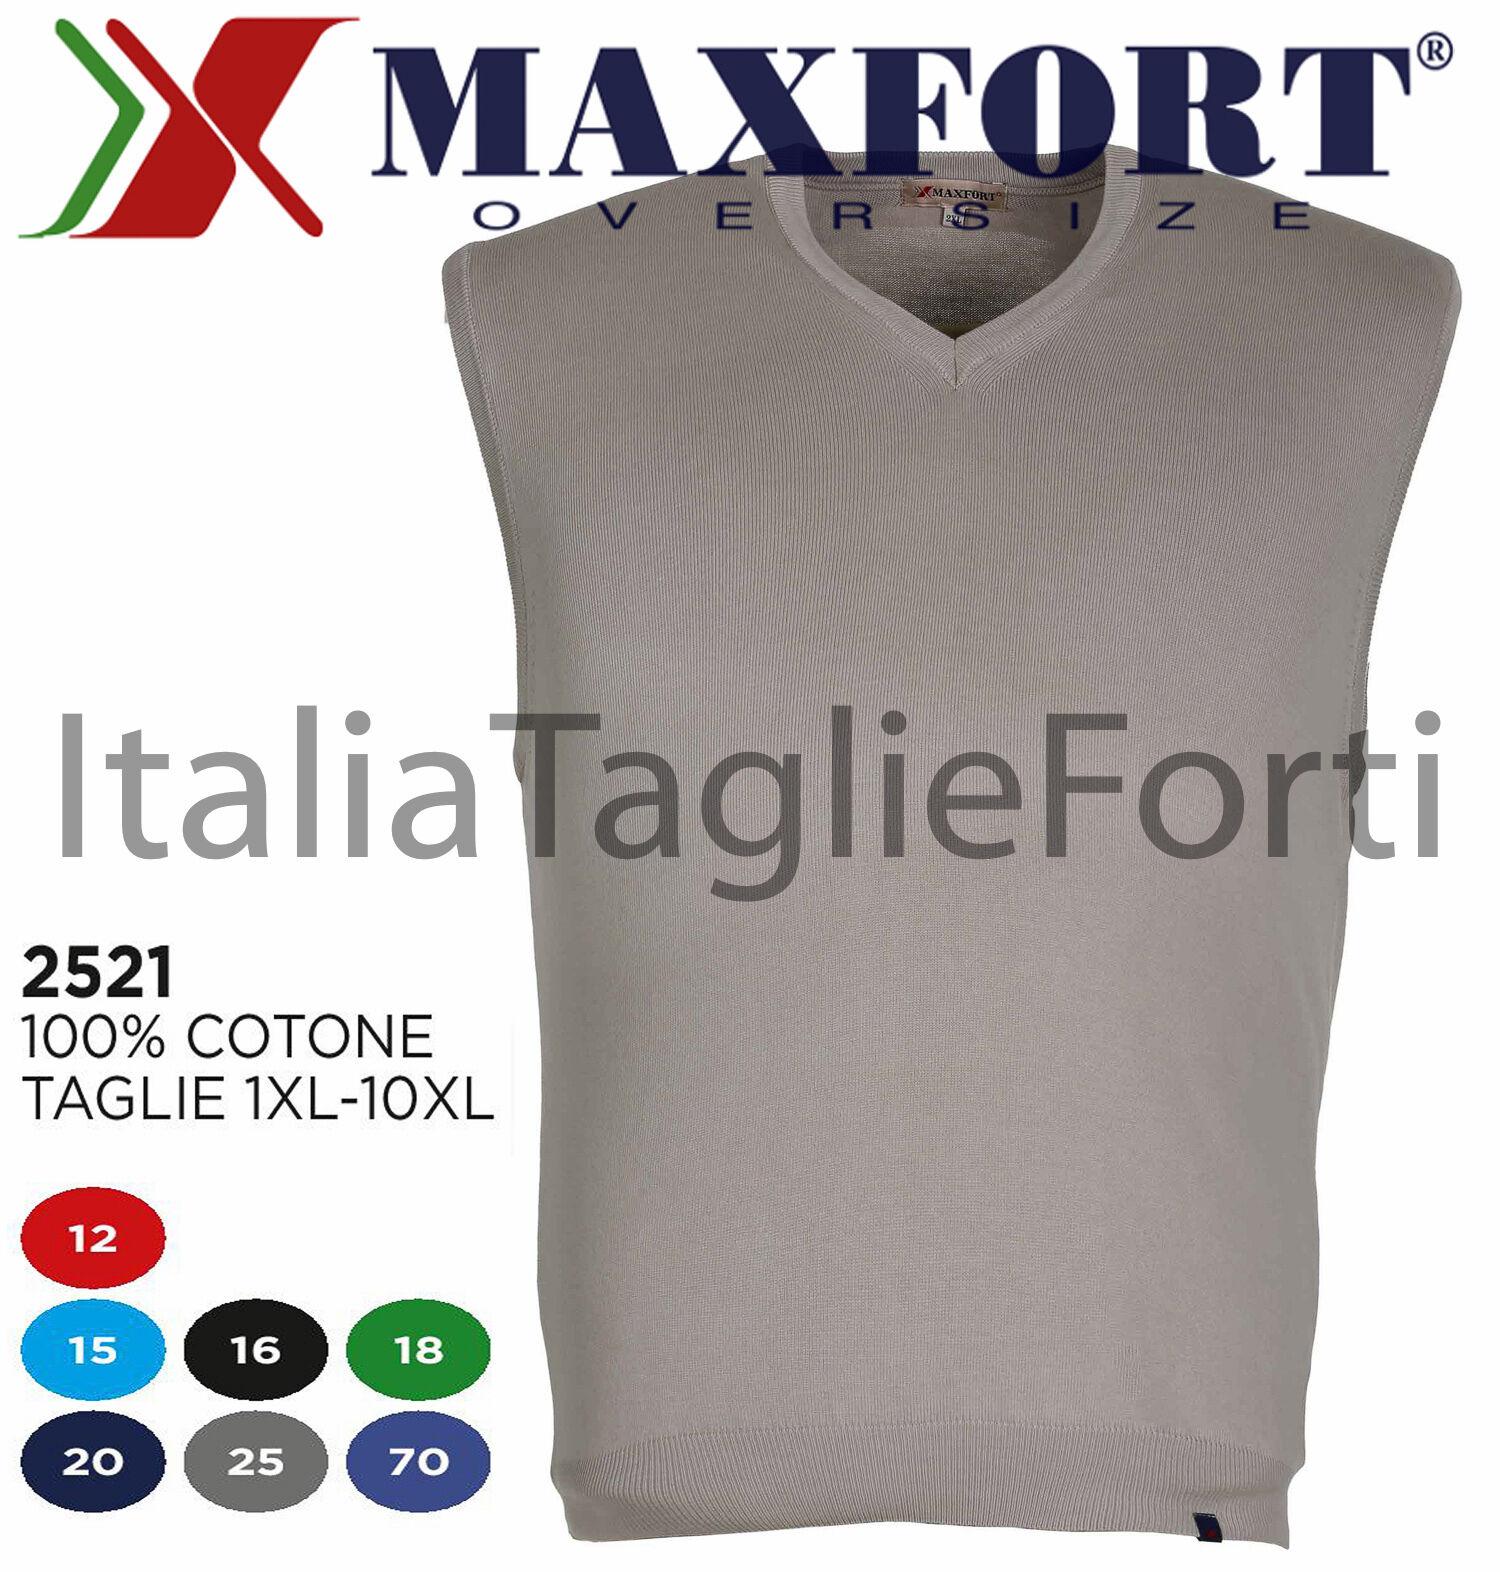 MAXFORT GILET 2521 UOMO COLLO V COTONE PETTINATO MAGLIA XL - 10XL OVER Dimensione